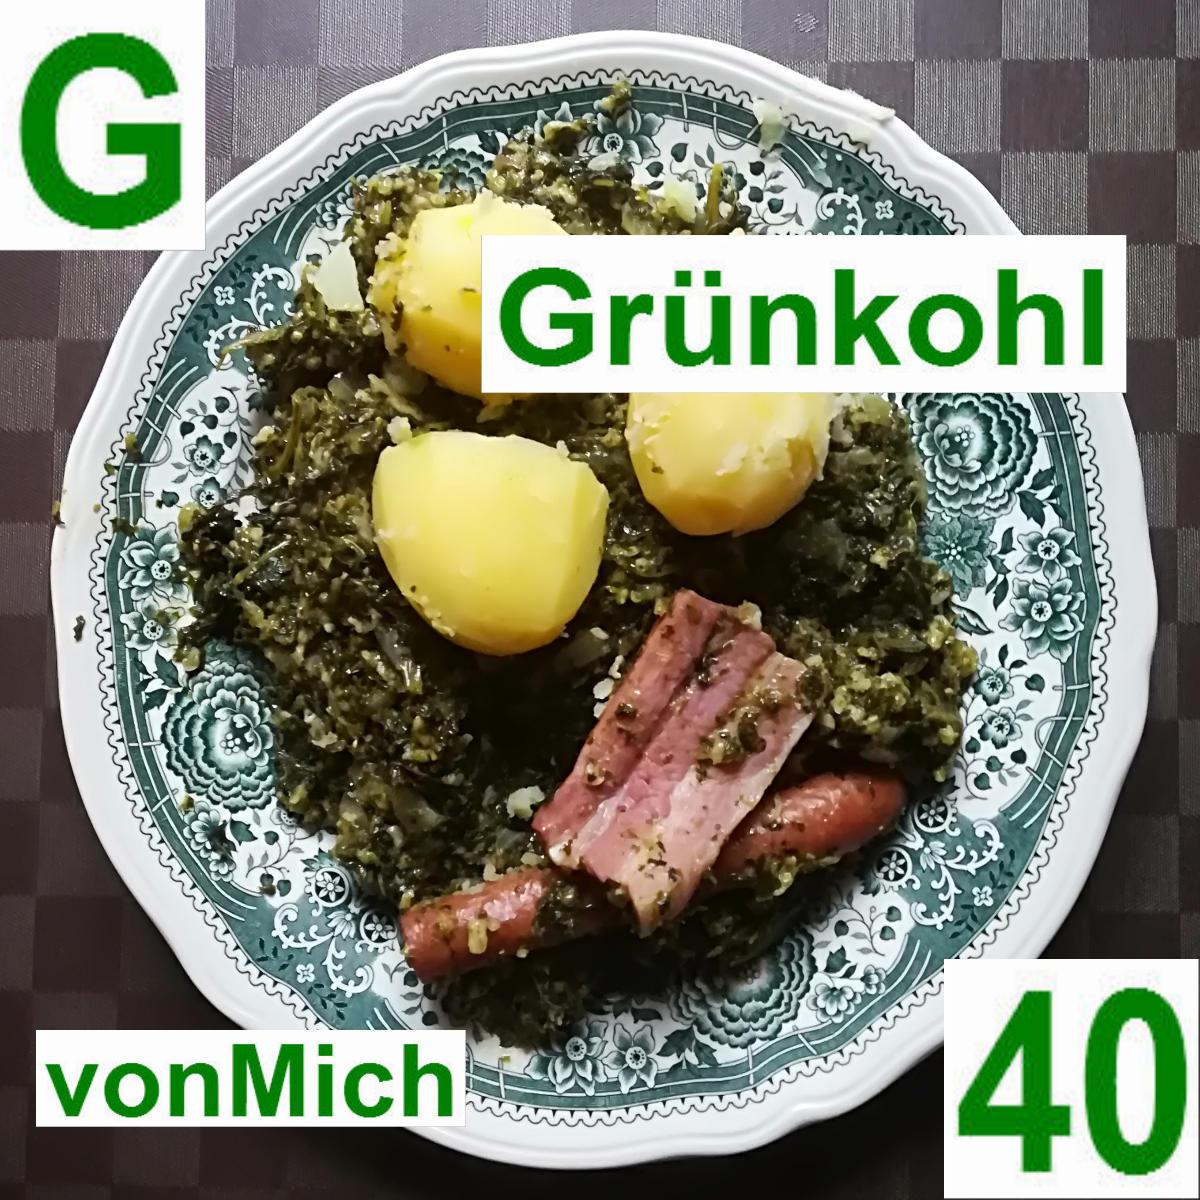 Grünkohl klassisch | vonMich